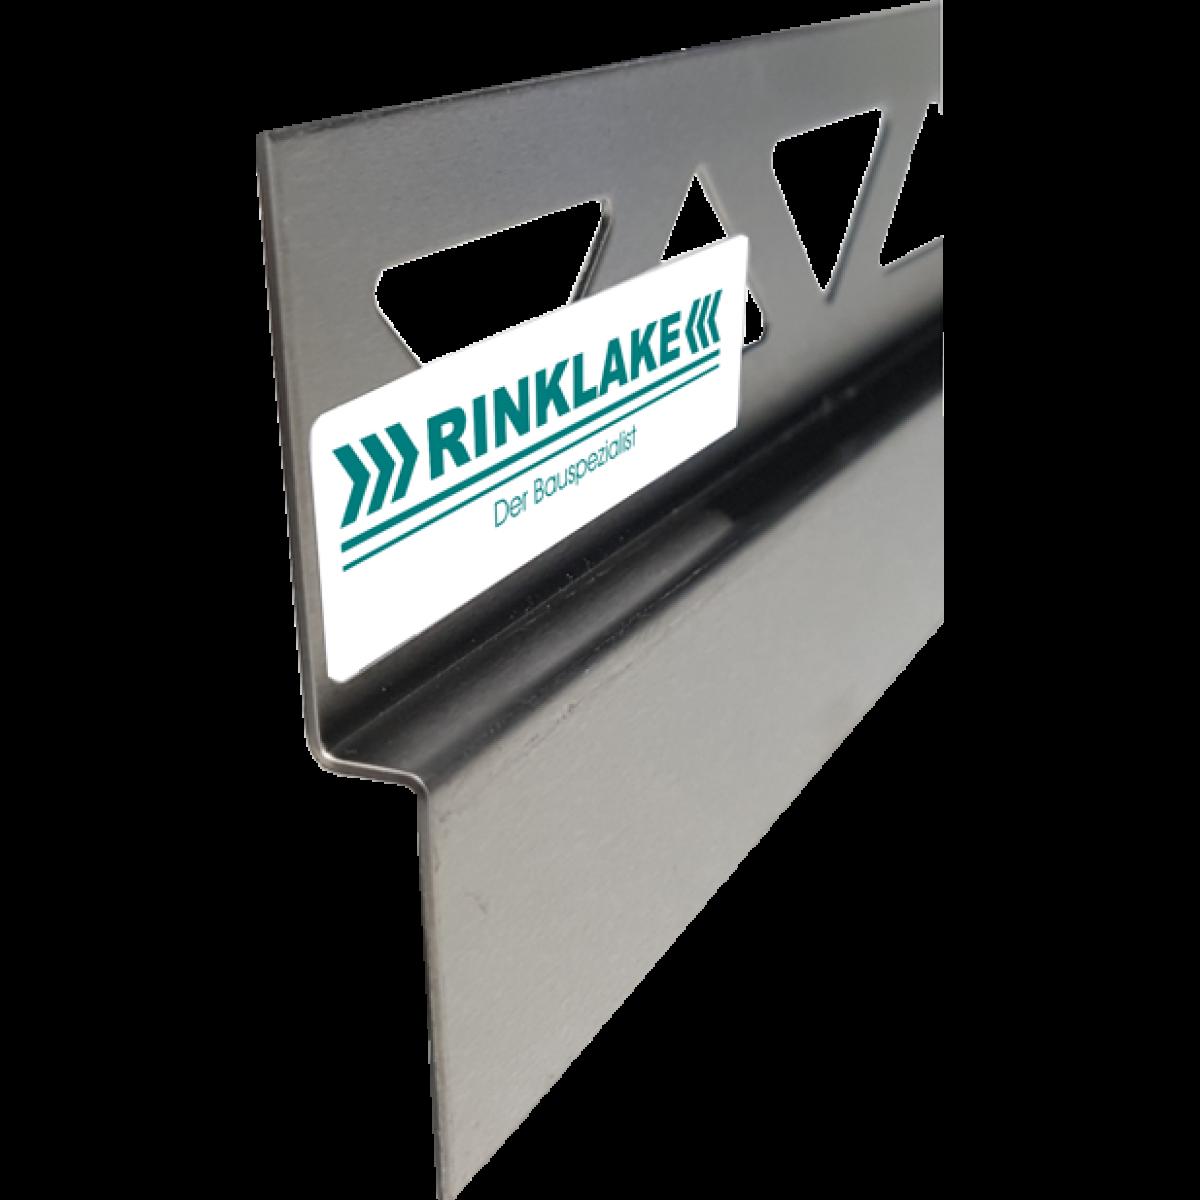 Edelstahl-Wandanschlußprofil mit Gefälle RECHTS DPW 98-10-24 - 10 mm / 98 cm Länge